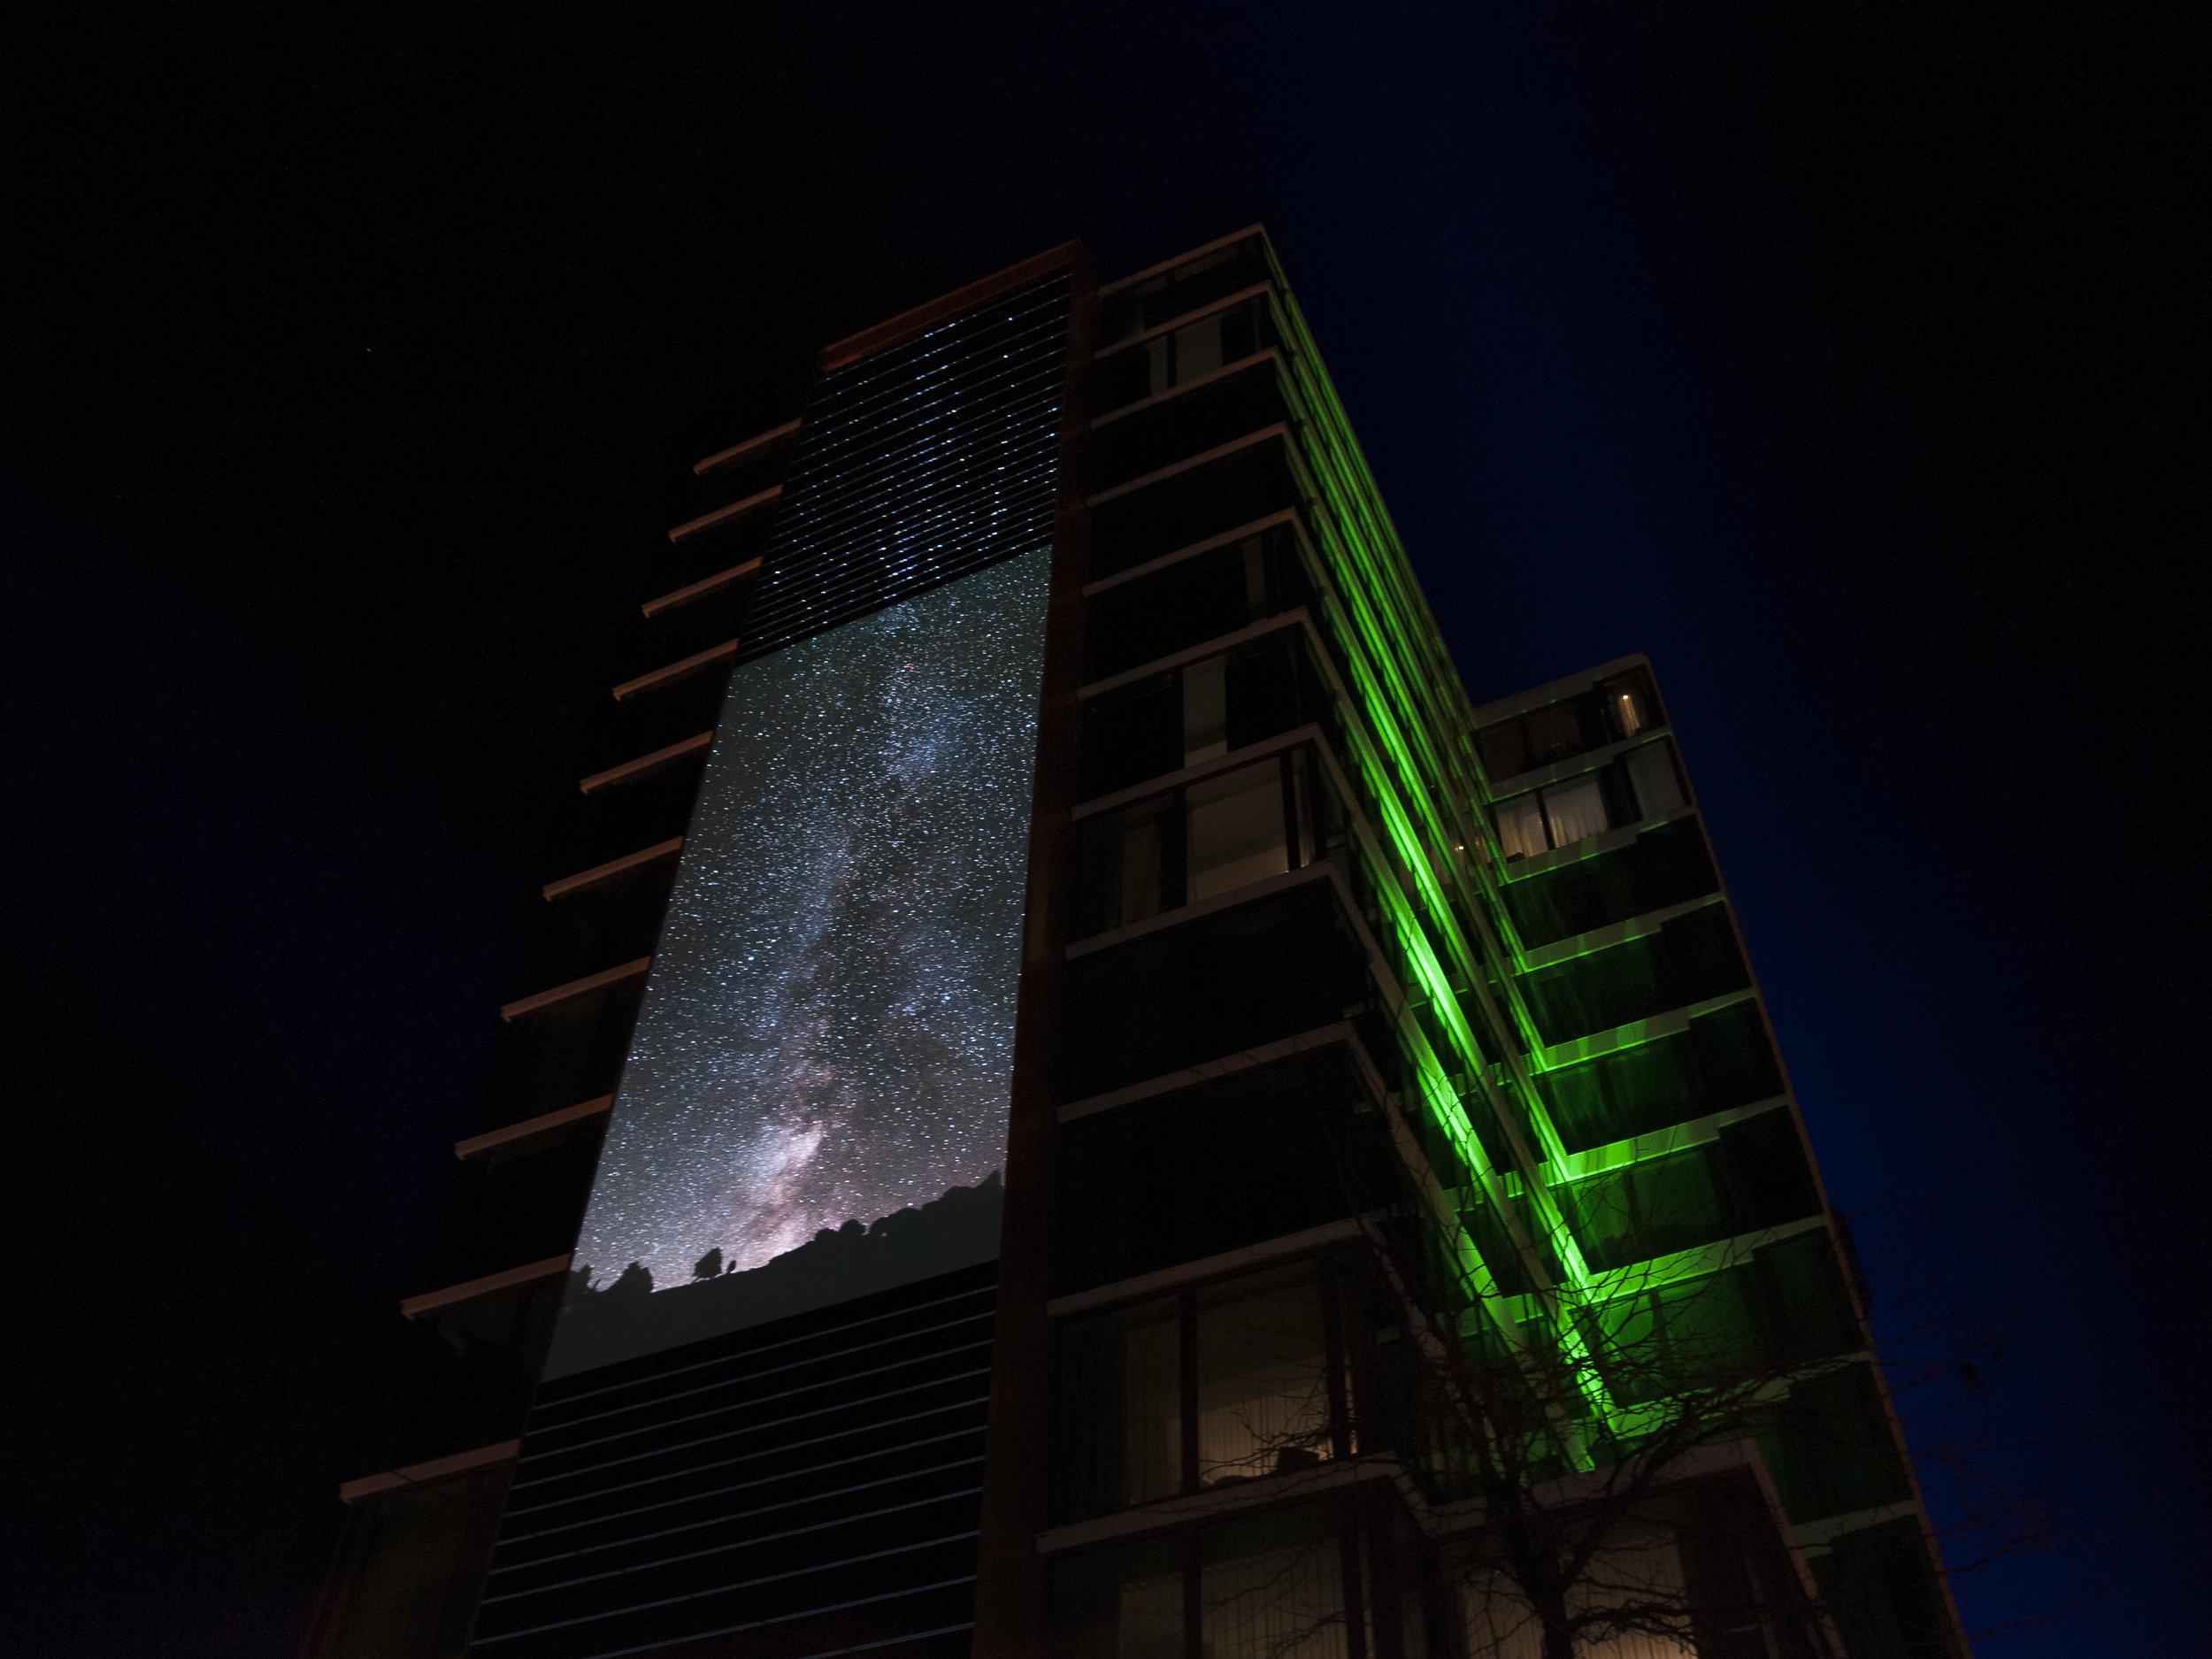 TvR-NachtLIcht-Glow-003.JPG